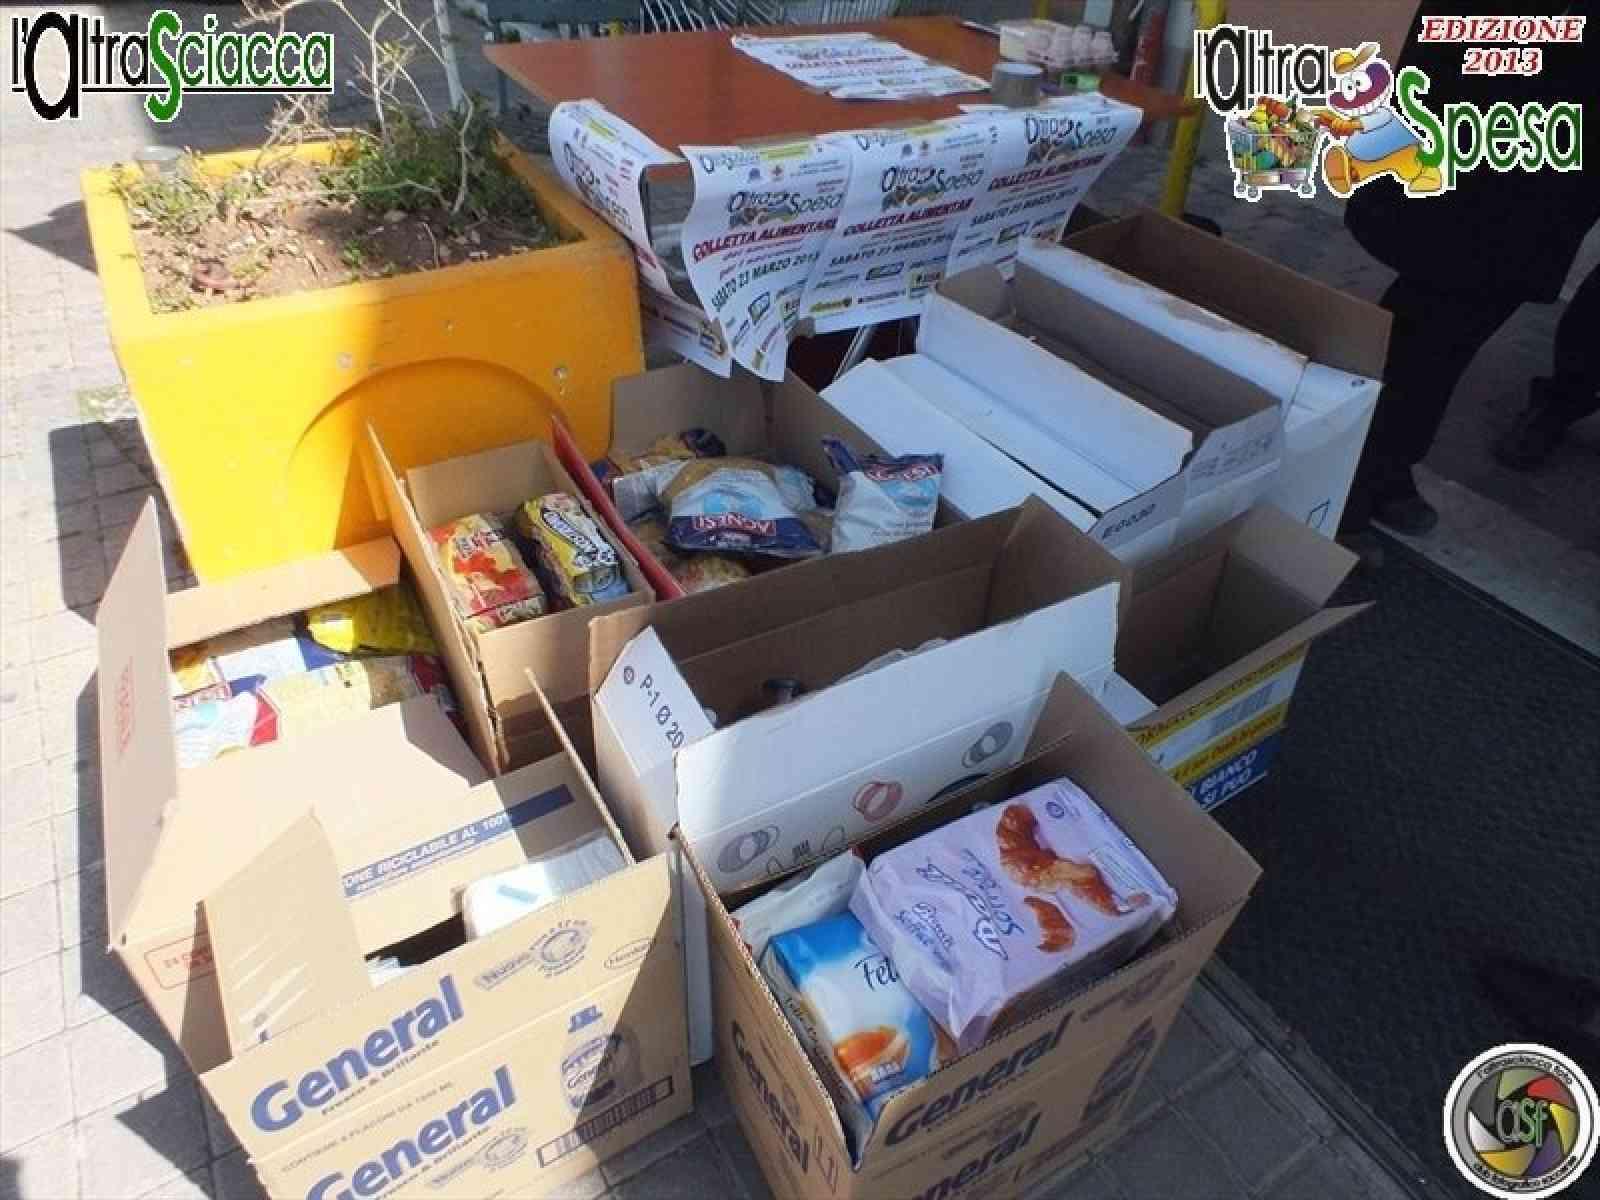 Menfi. Banco alimentare, possibile fare richiesta delle derrate alimentari gratuite